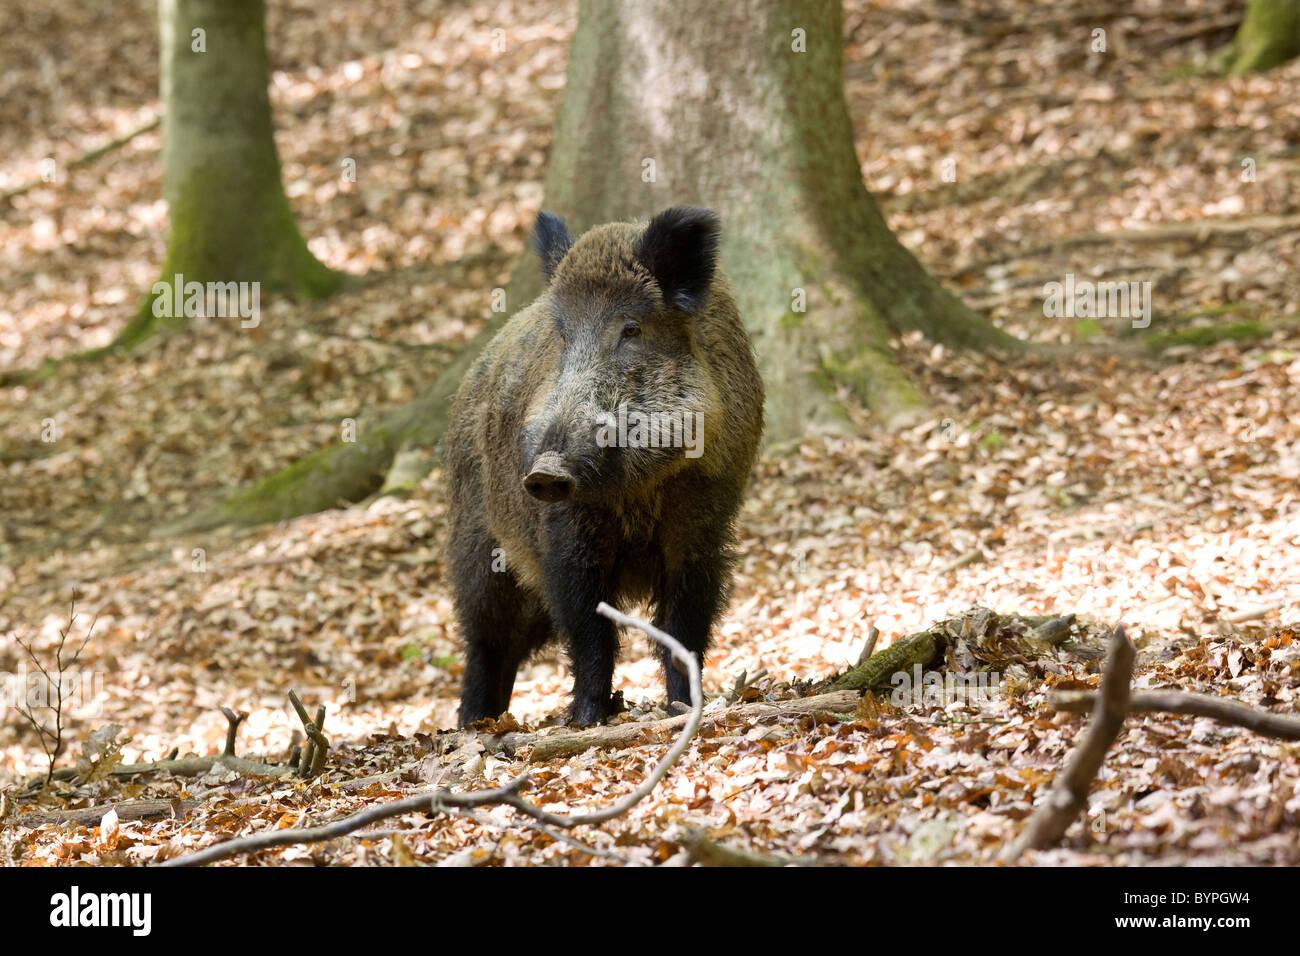 Wildschwein,(Sus scrofa) - Stock Image